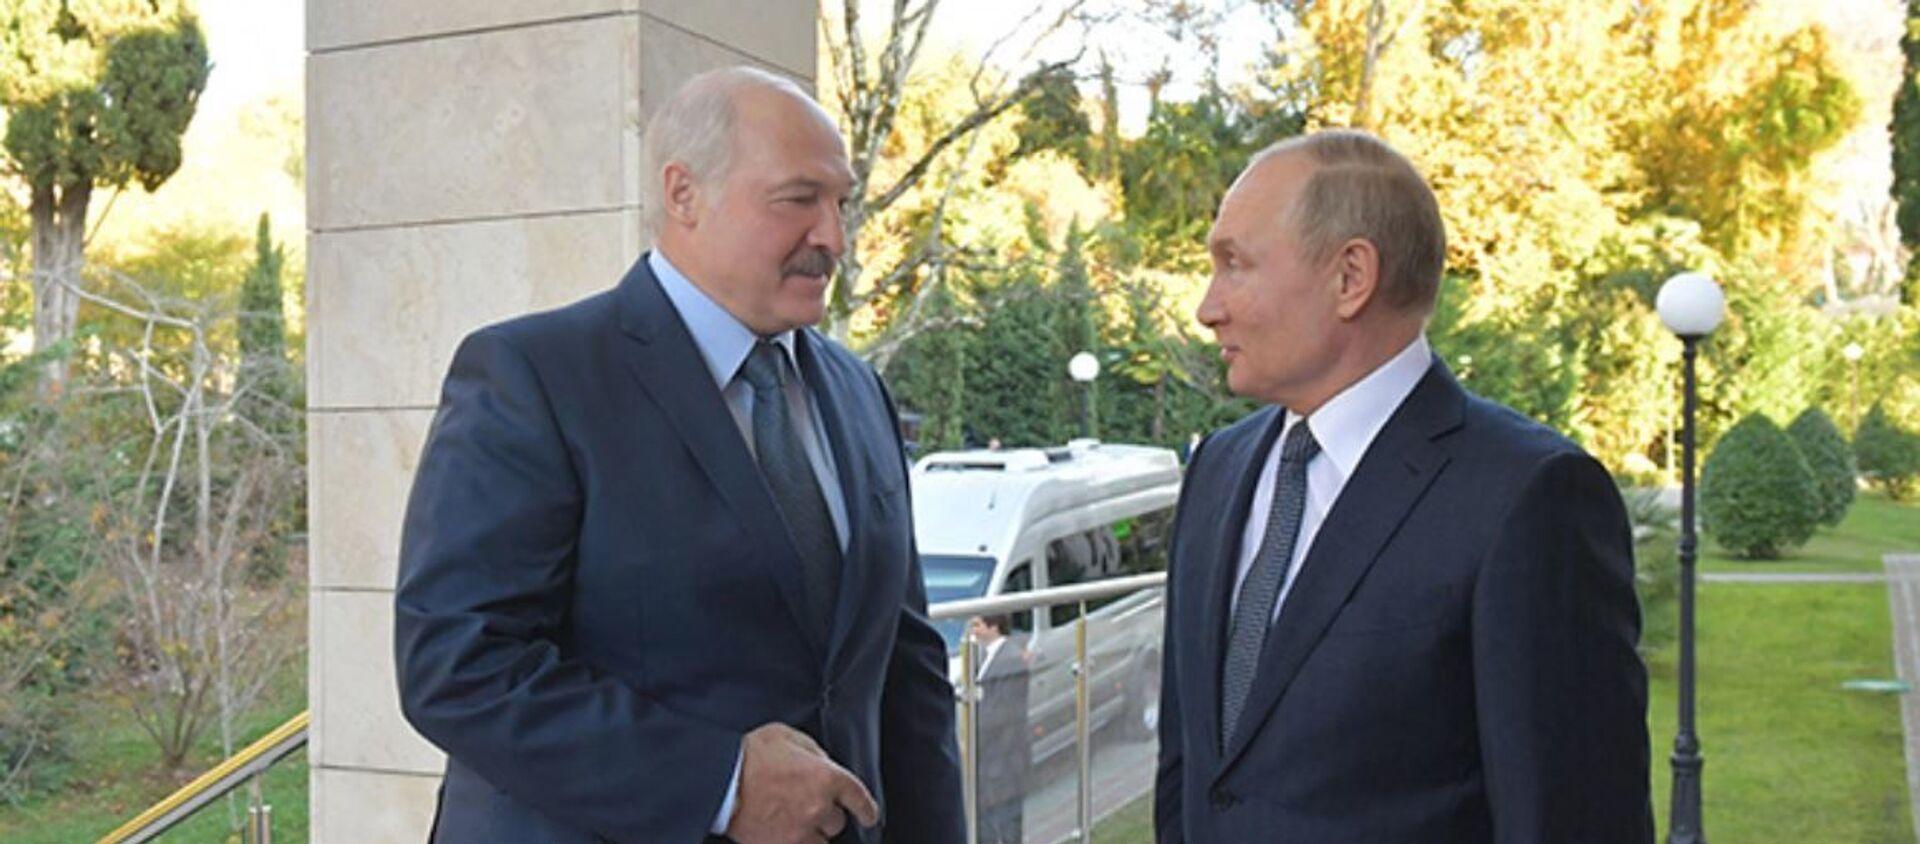 Прэзідэнты Аляксандр Лукашэнка і Уладзімір Пуцін - Sputnik Беларусь, 1920, 21.01.2021